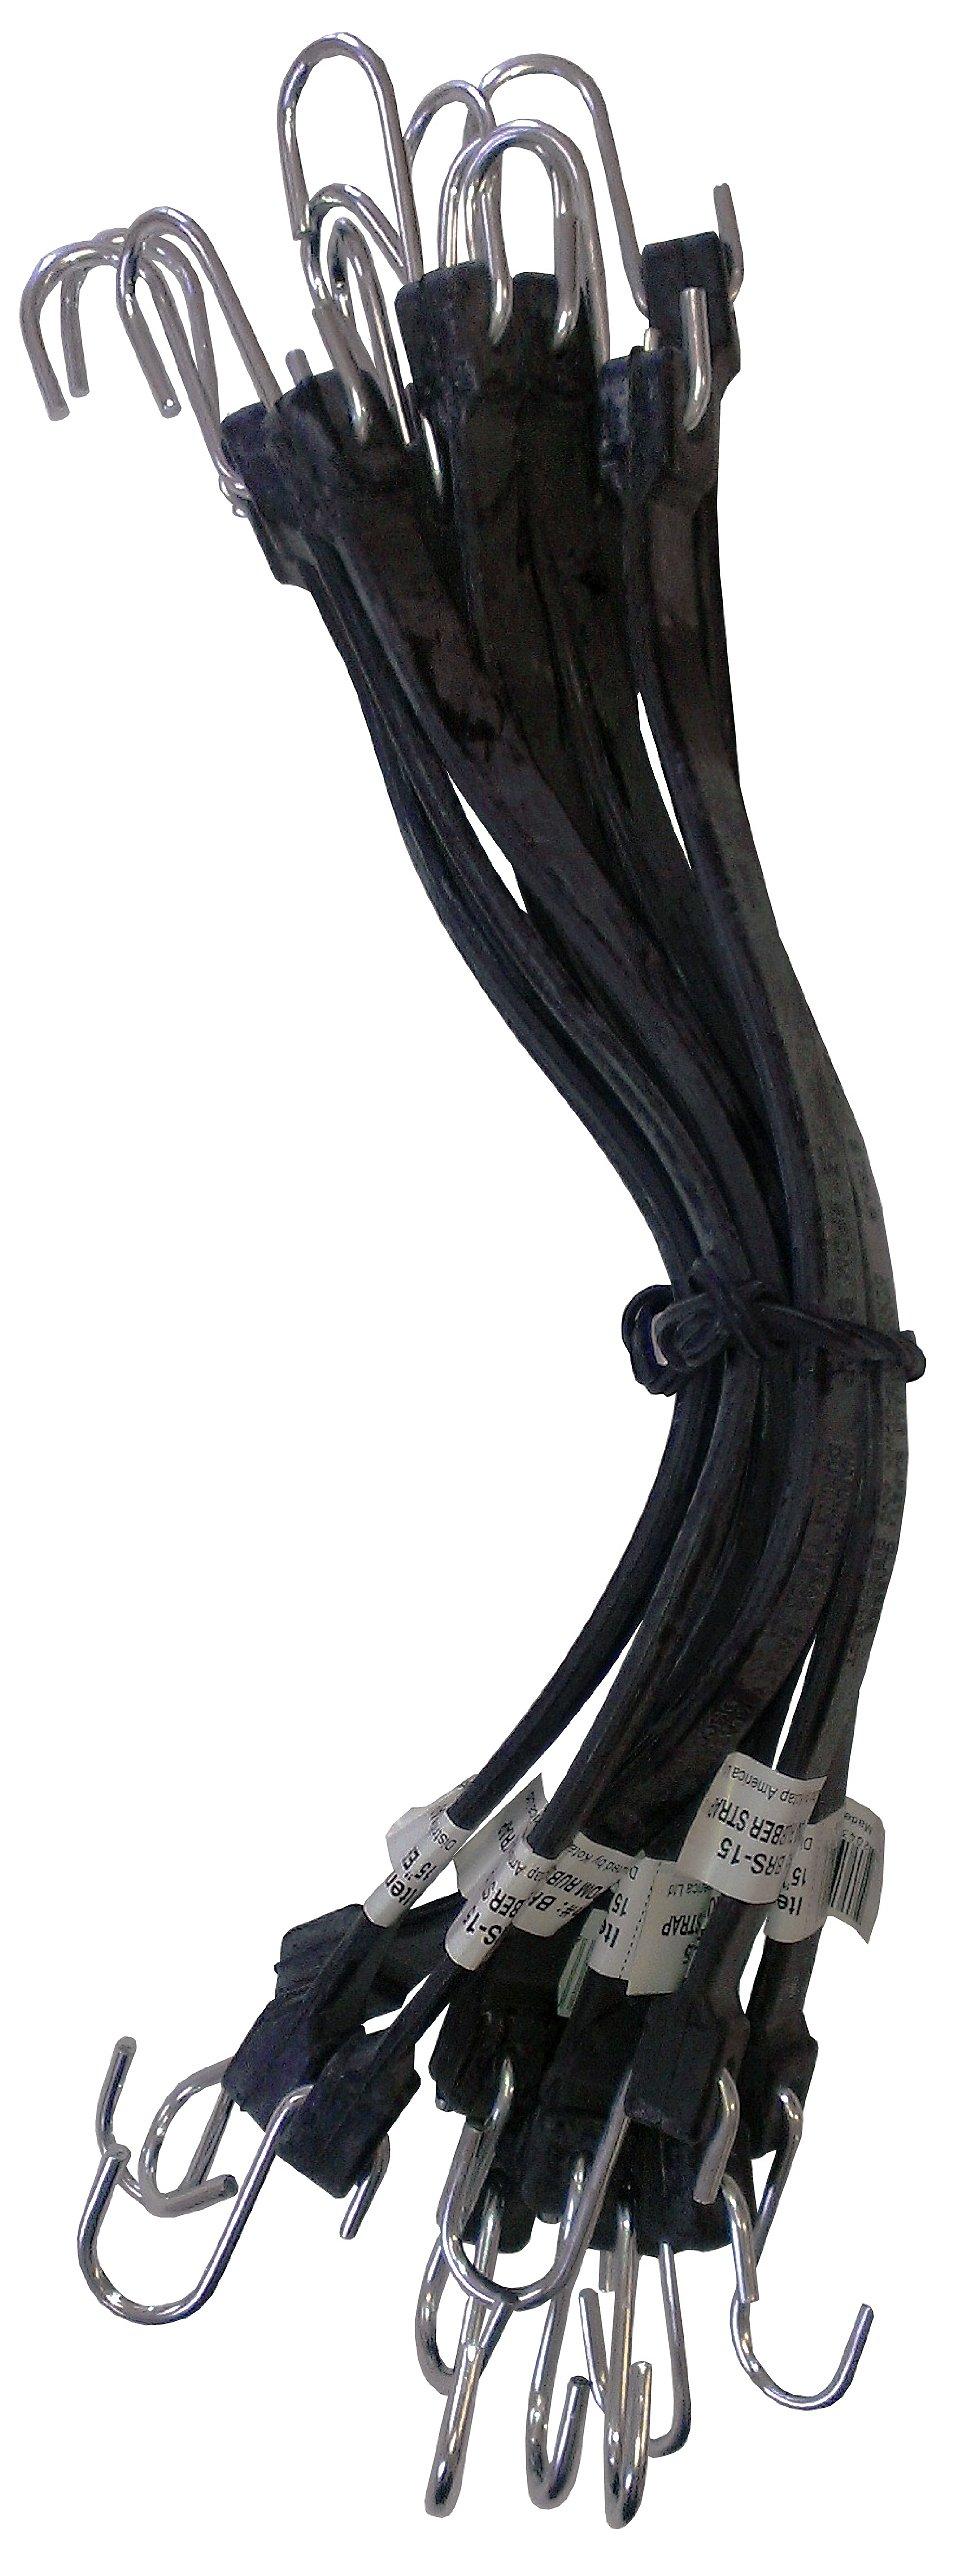 Kotap MBRS-15 EPDM Rubber 15-Inch Strap, Black, 10-Piece